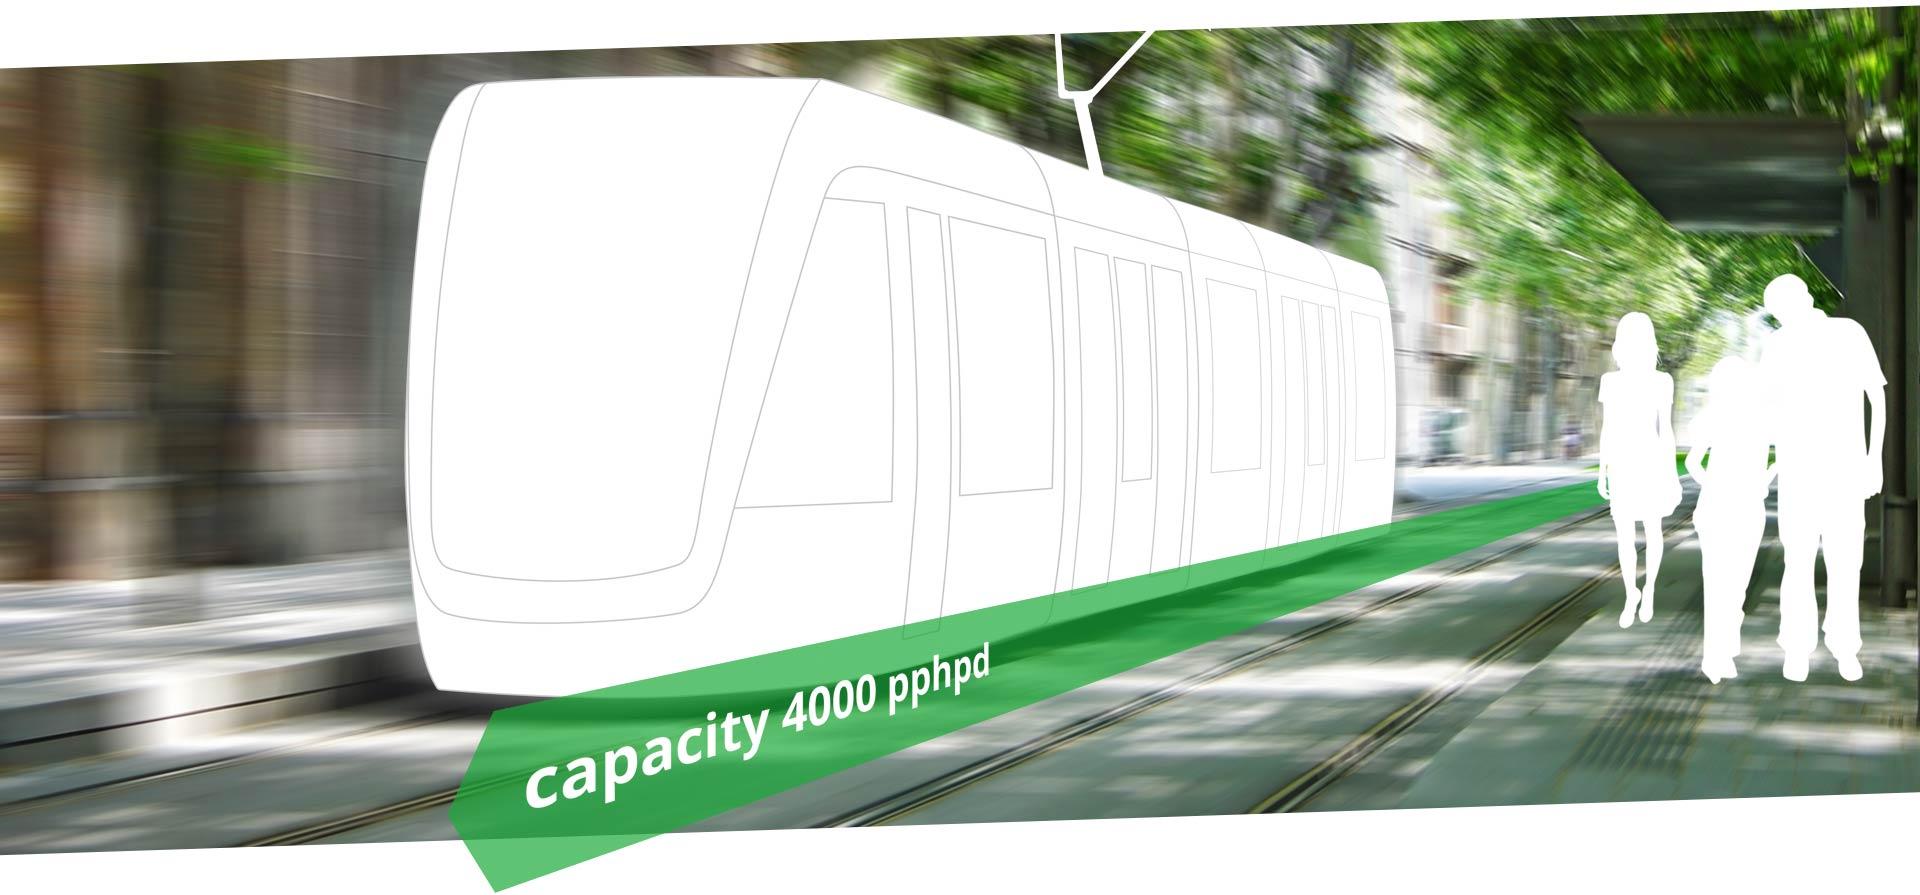 Tram and Streetcar